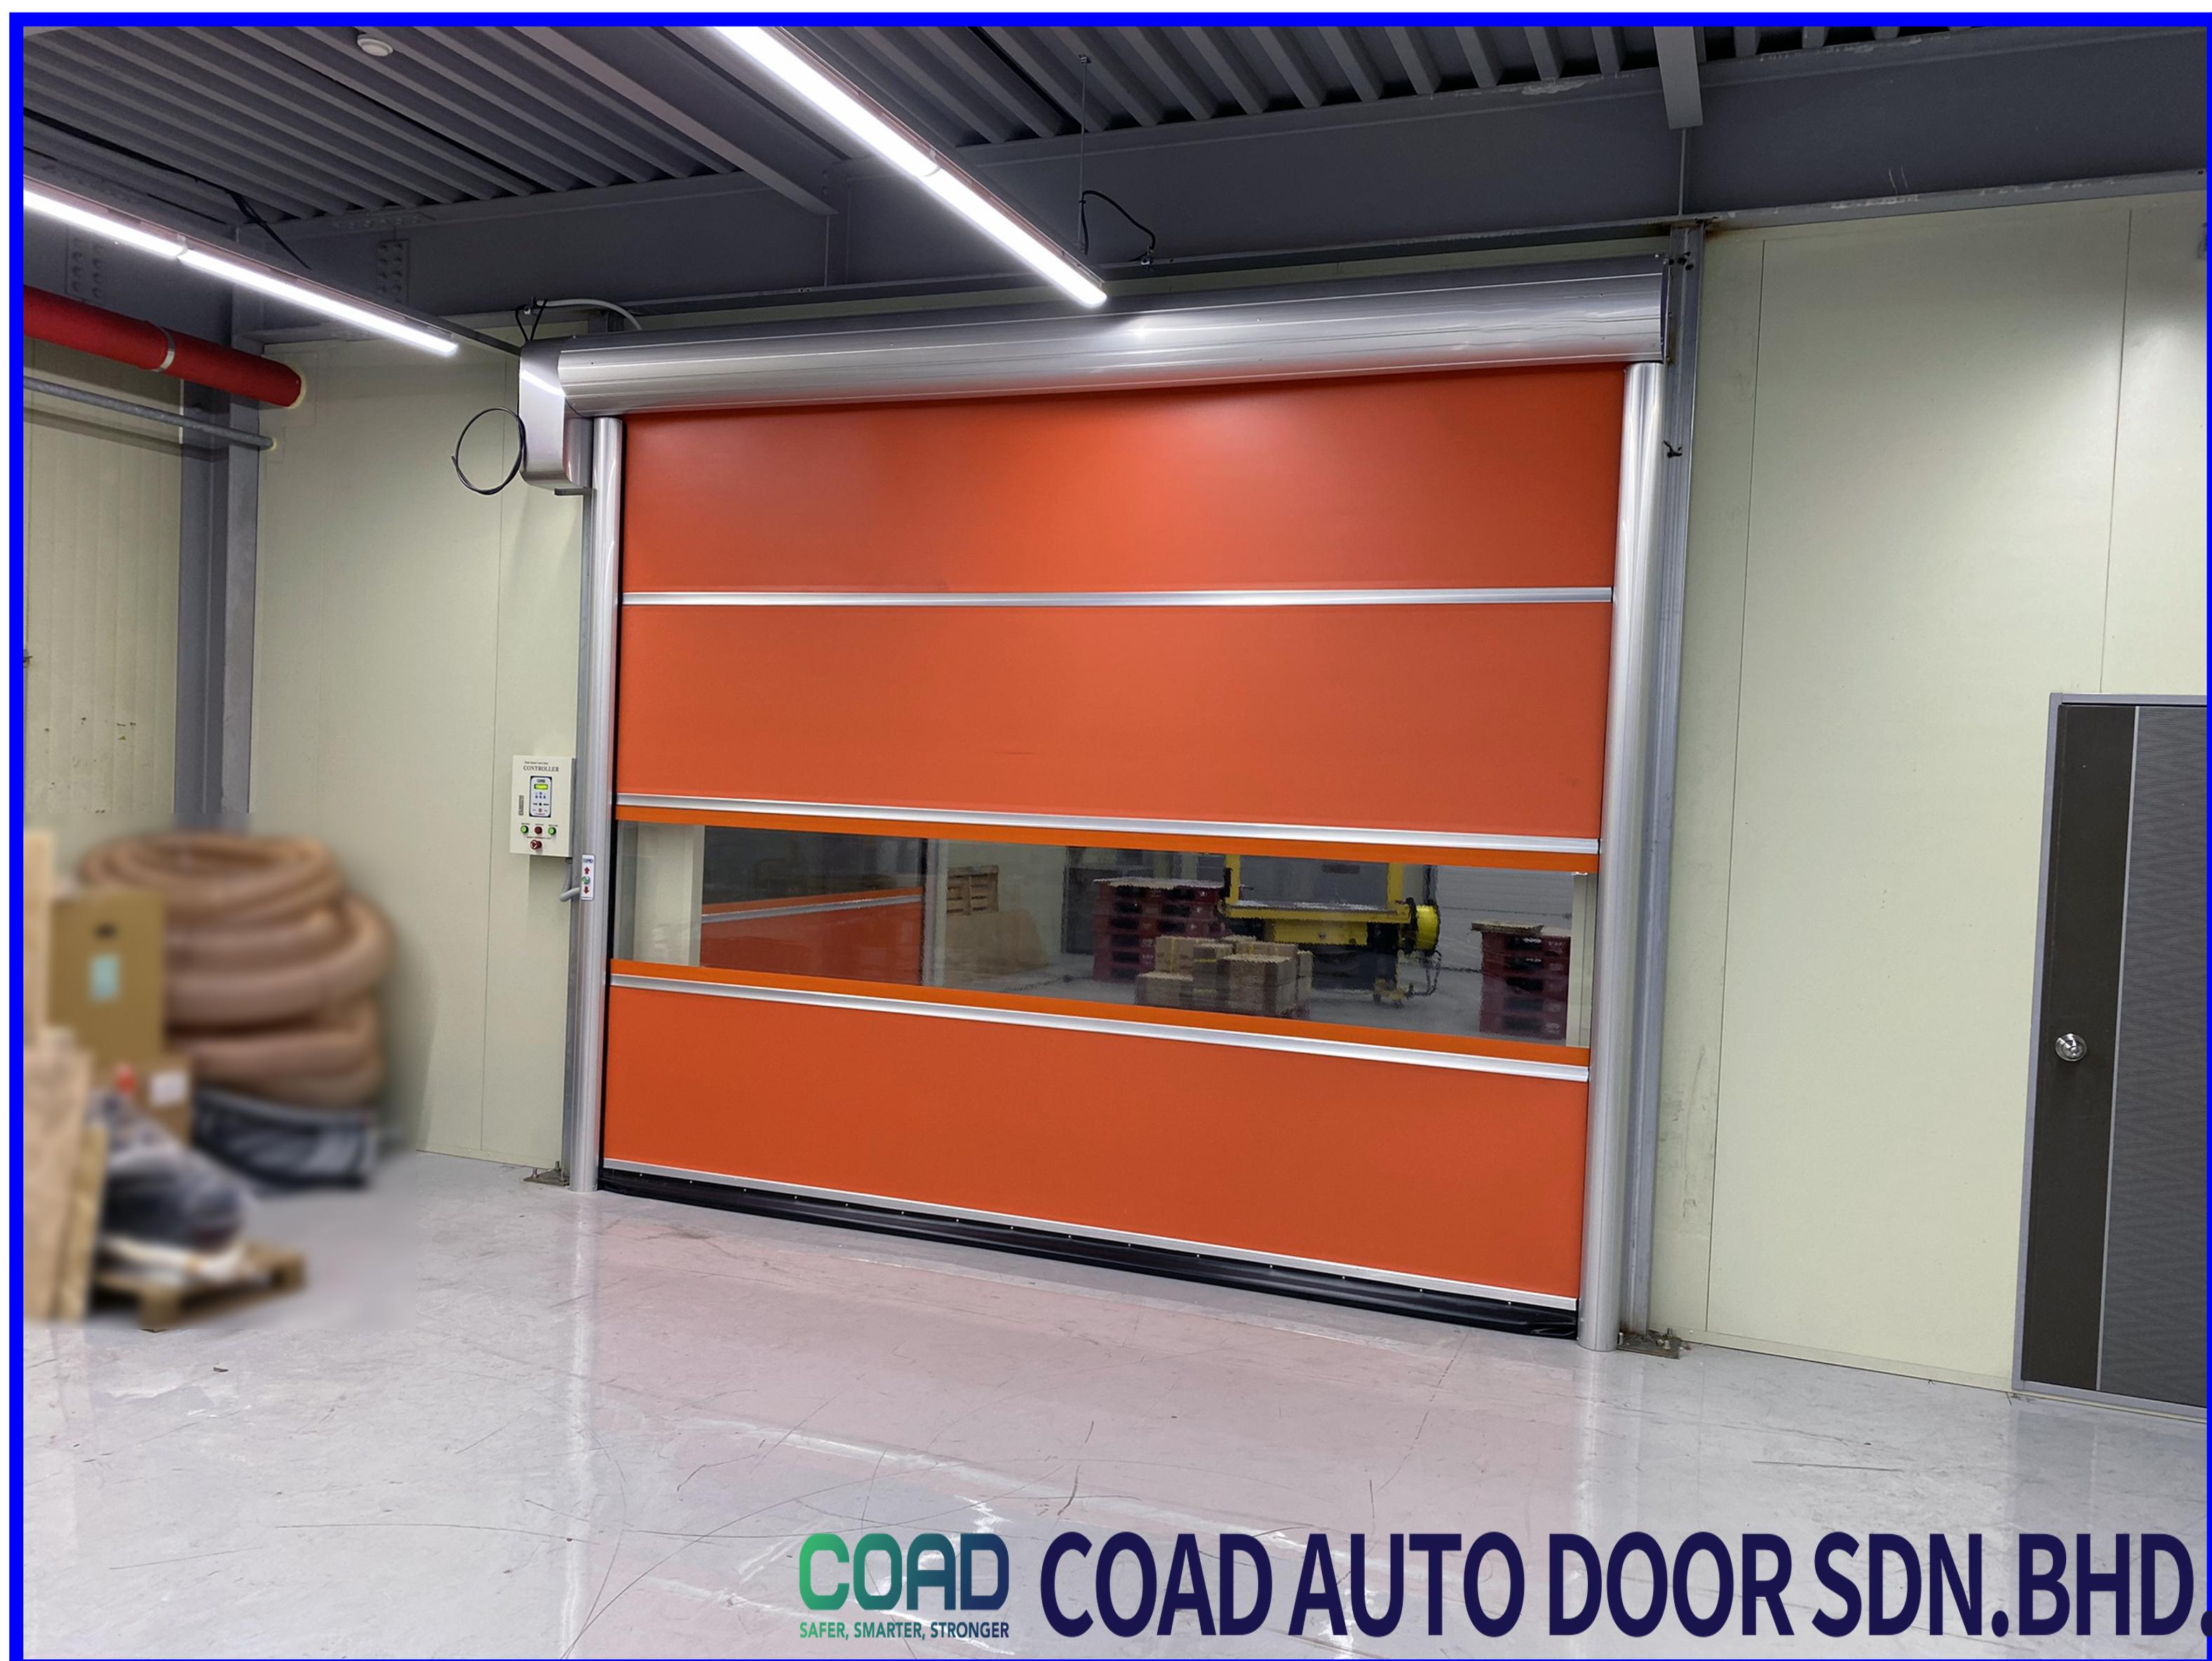 Pin On High Speed Door Coad 1